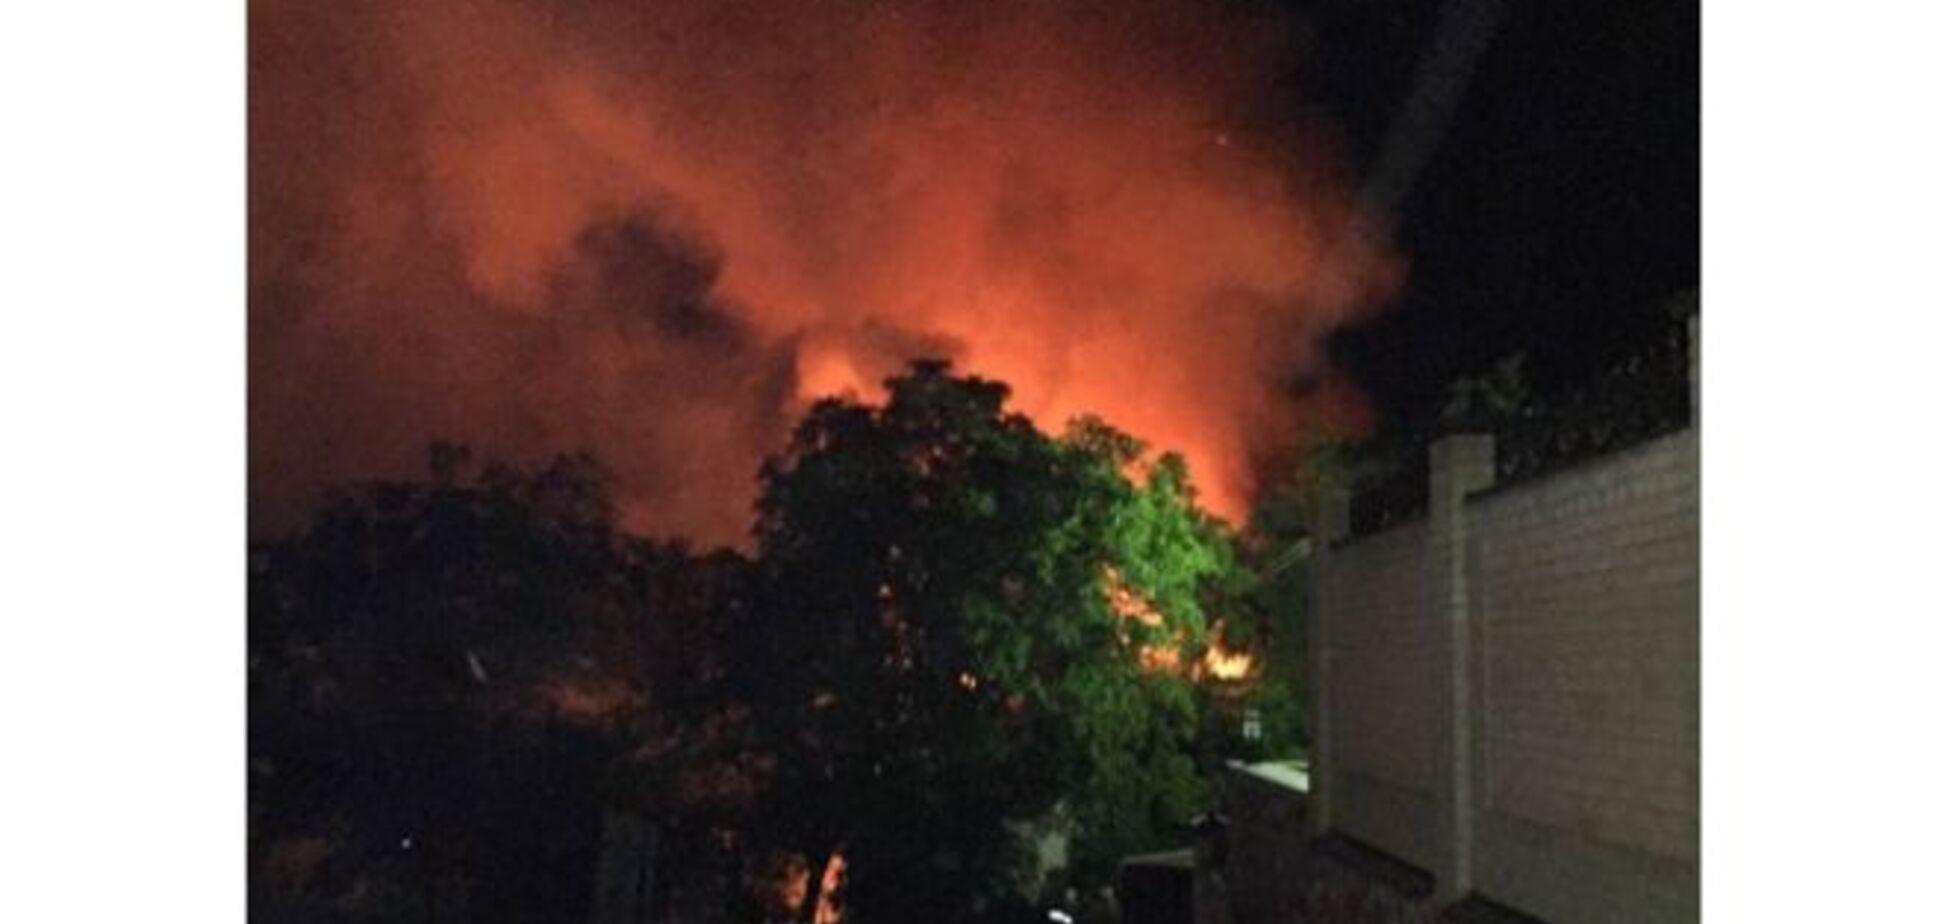 Ночью в элитном районе Киева произошел масштабный пожар: фотофакт